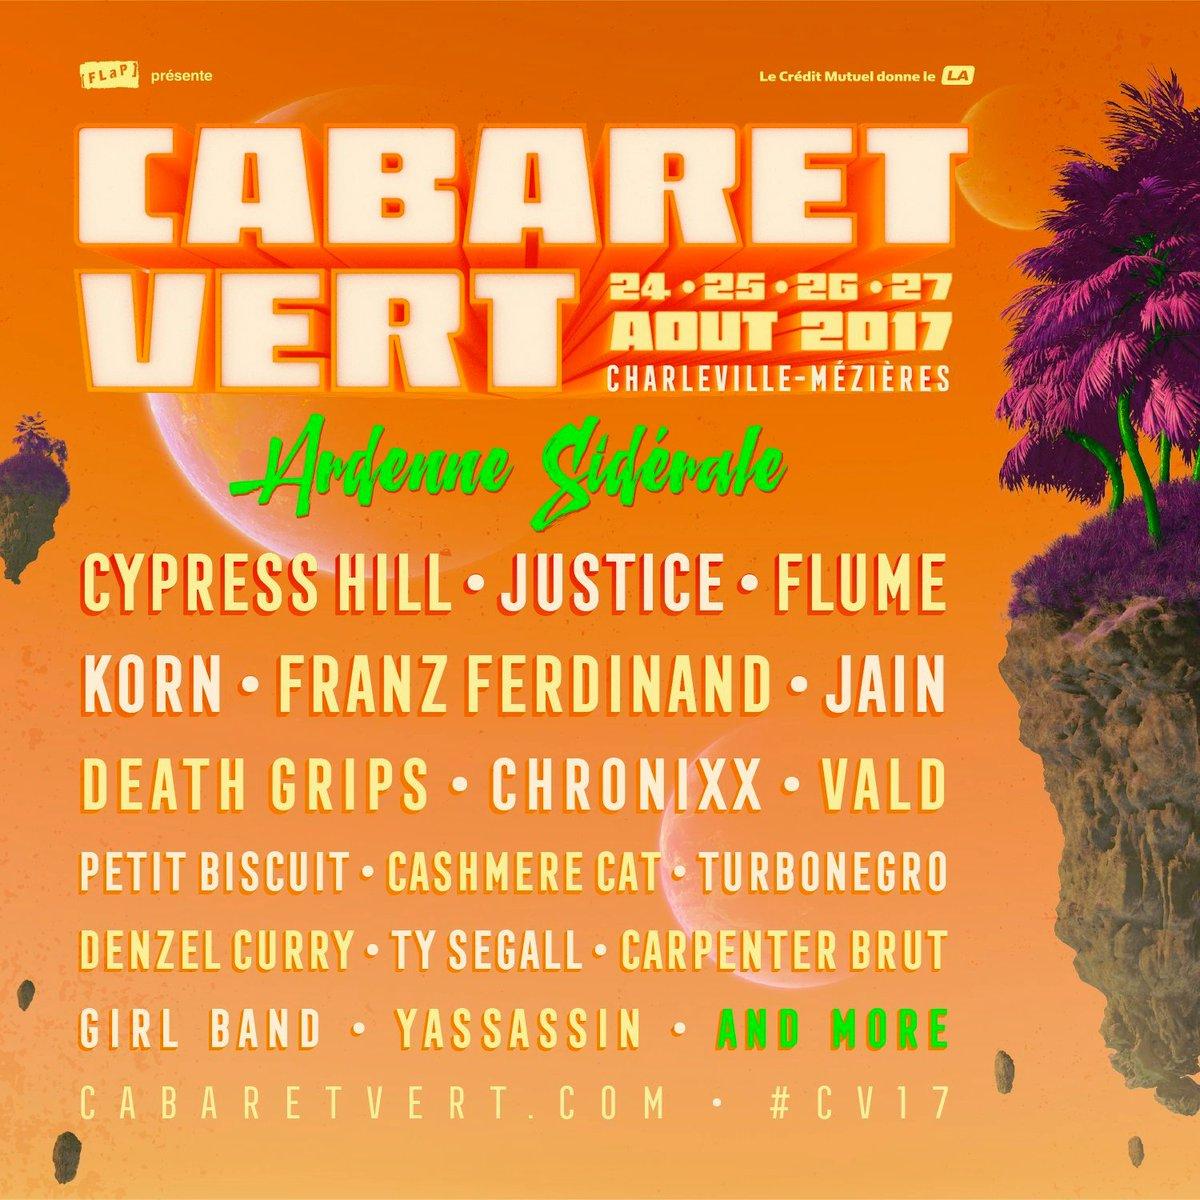 [Preview] Festival le Cabaret Vert –  Charleville-Mézières du 24 au 27 Aout